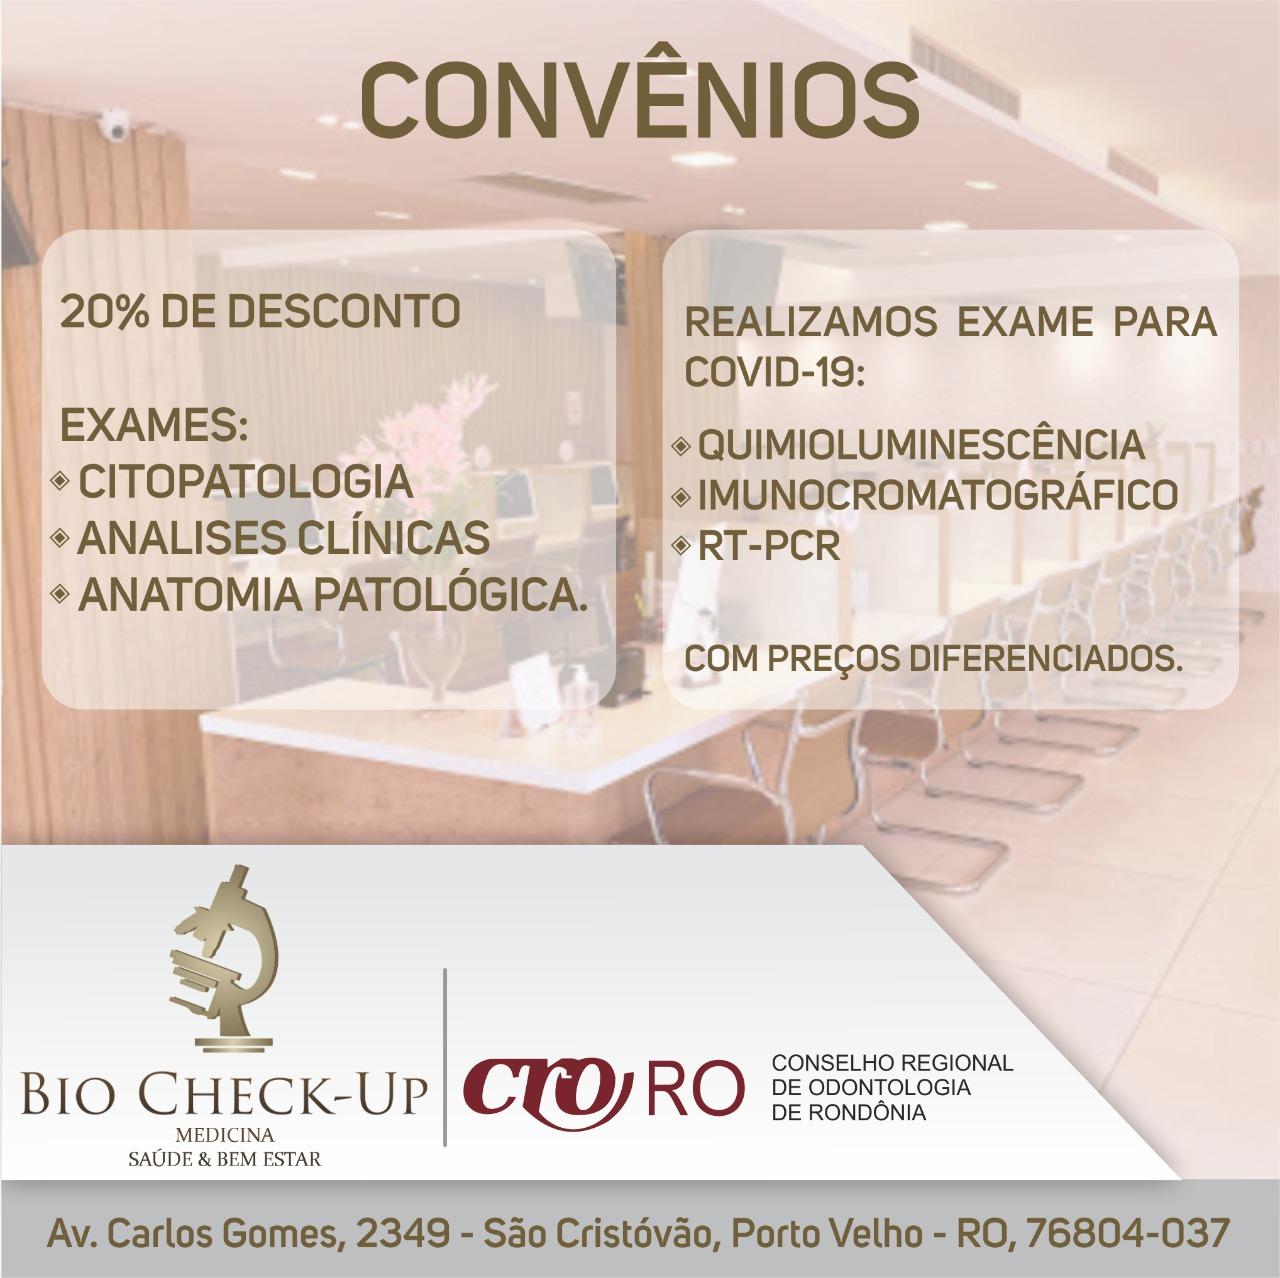 Parceria CRO-RO: Bio Check-Up Medicina Saúde & Bem Estar